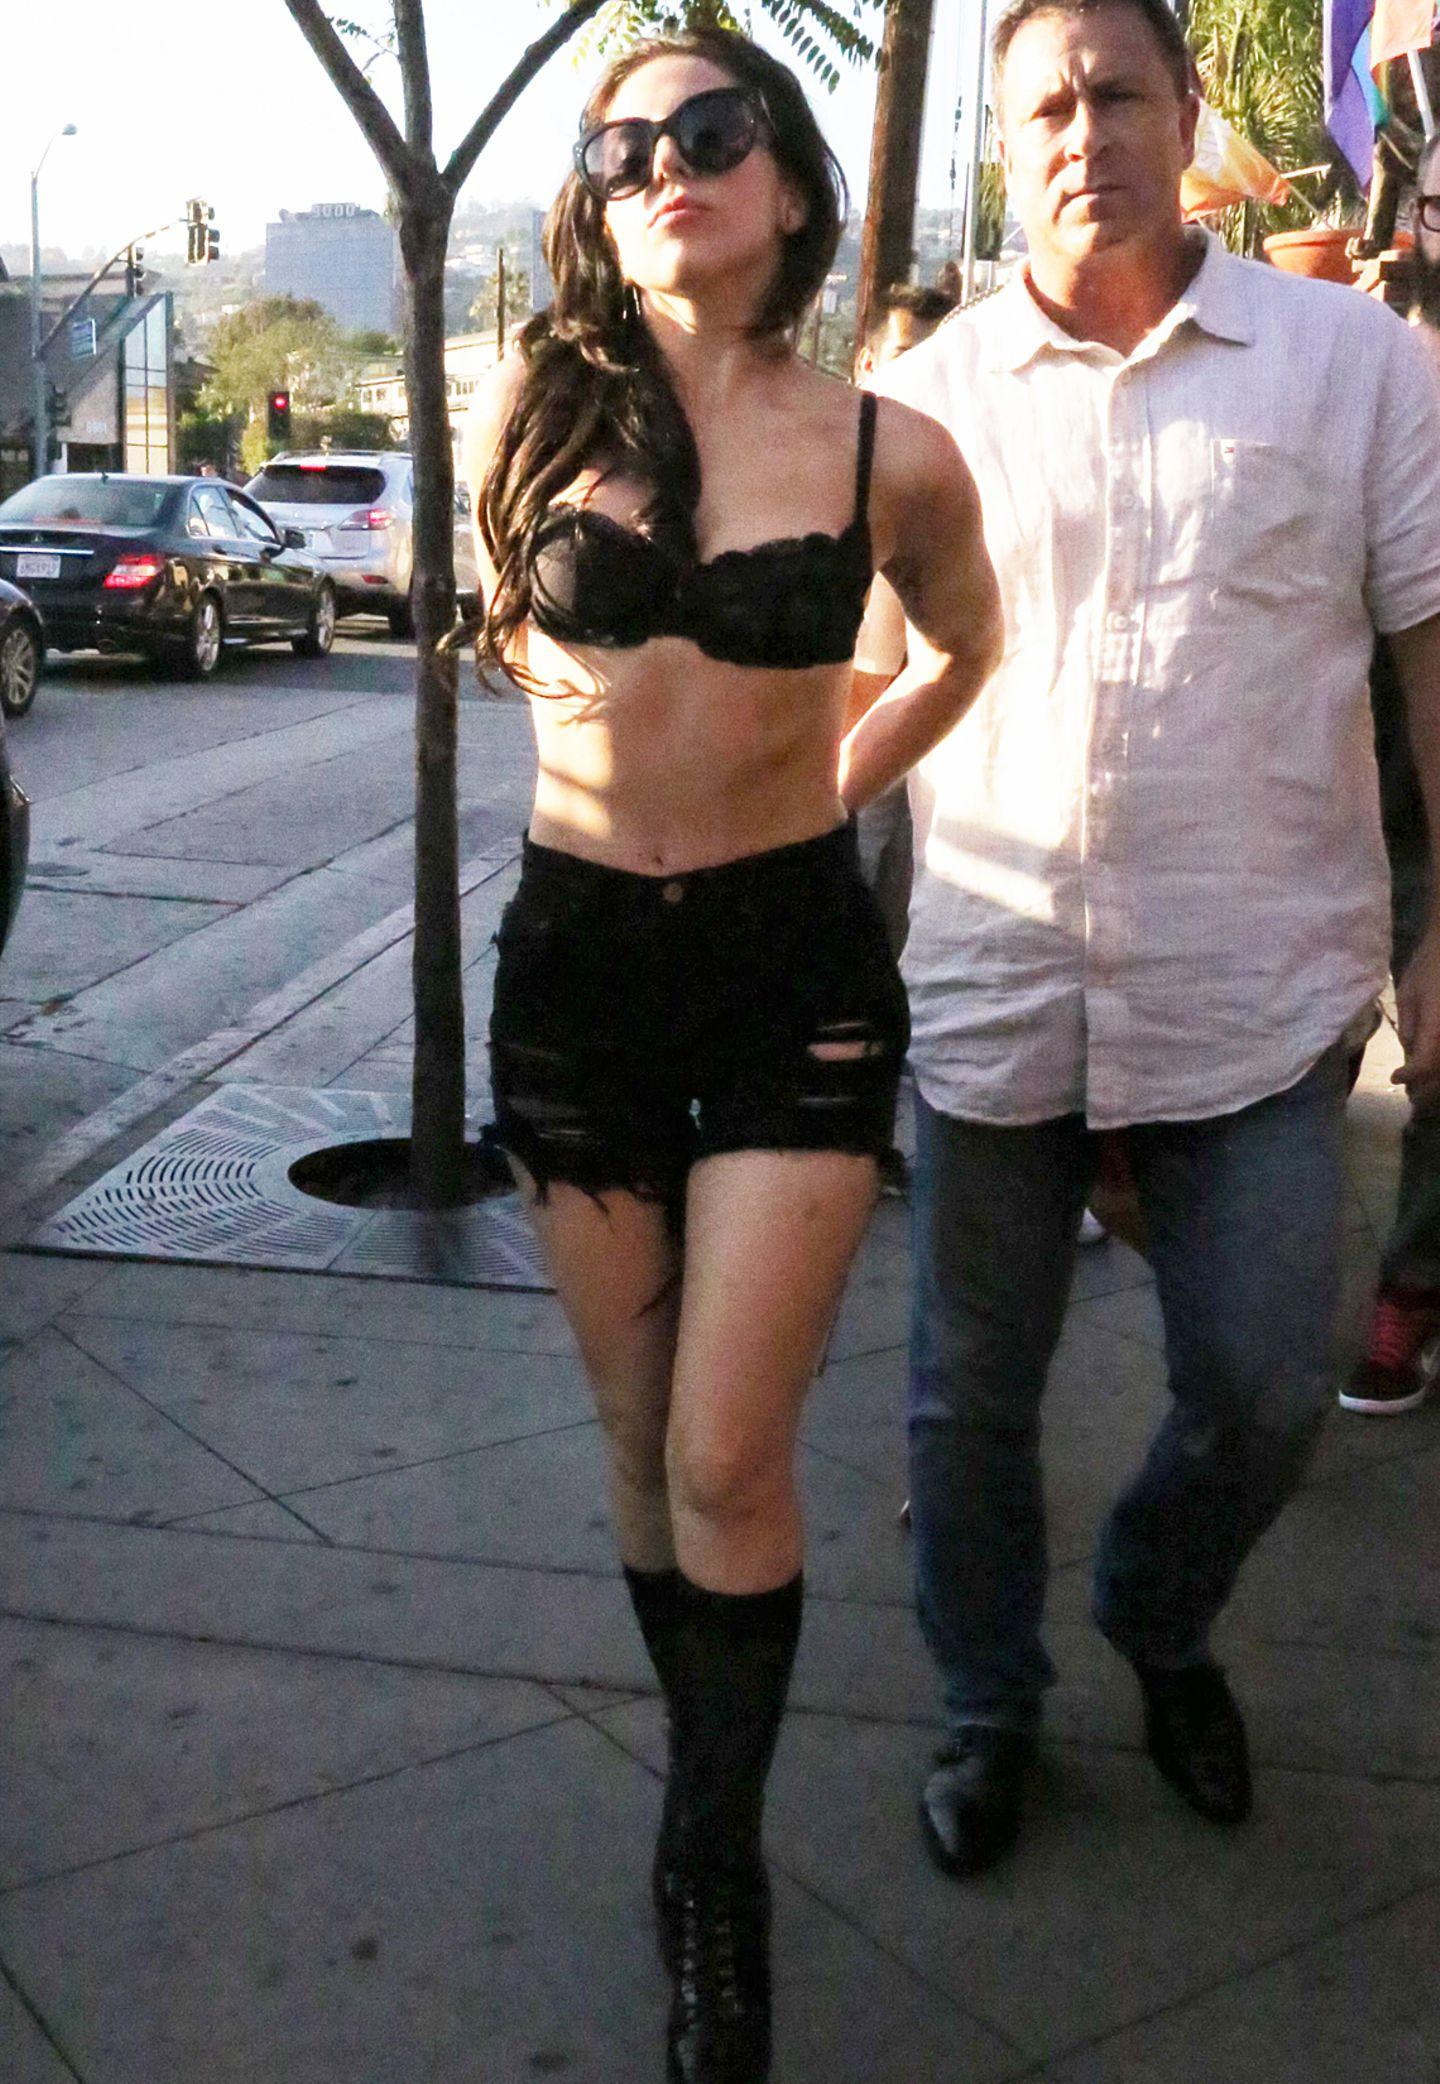 Der Name ist Programm: Lady GaGa in einem mehr als gewöhnungsbedürftigen Outfit bestehend aus BH, zerfledderter Hotpants und hohen, derben Stiefeln.